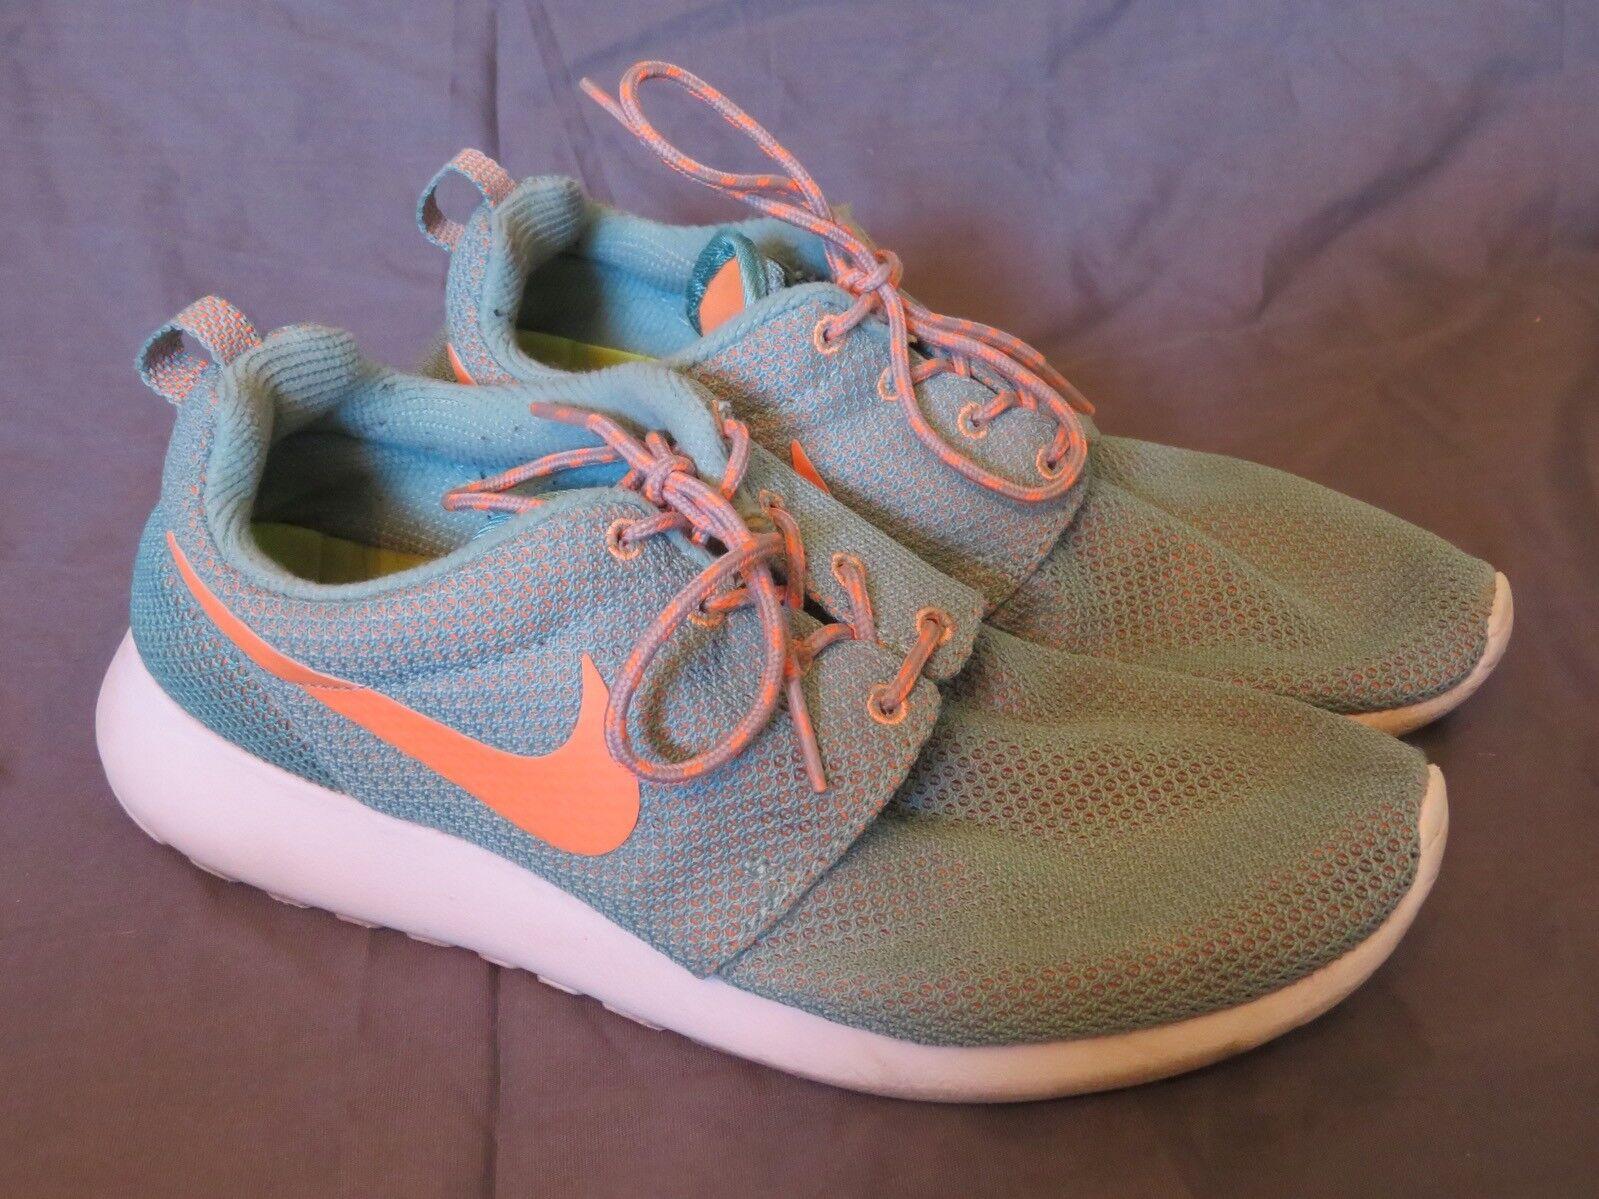 Women's Nike RosheRun Running Shoes Diffused Jade & Orange Roshe Run Size 9